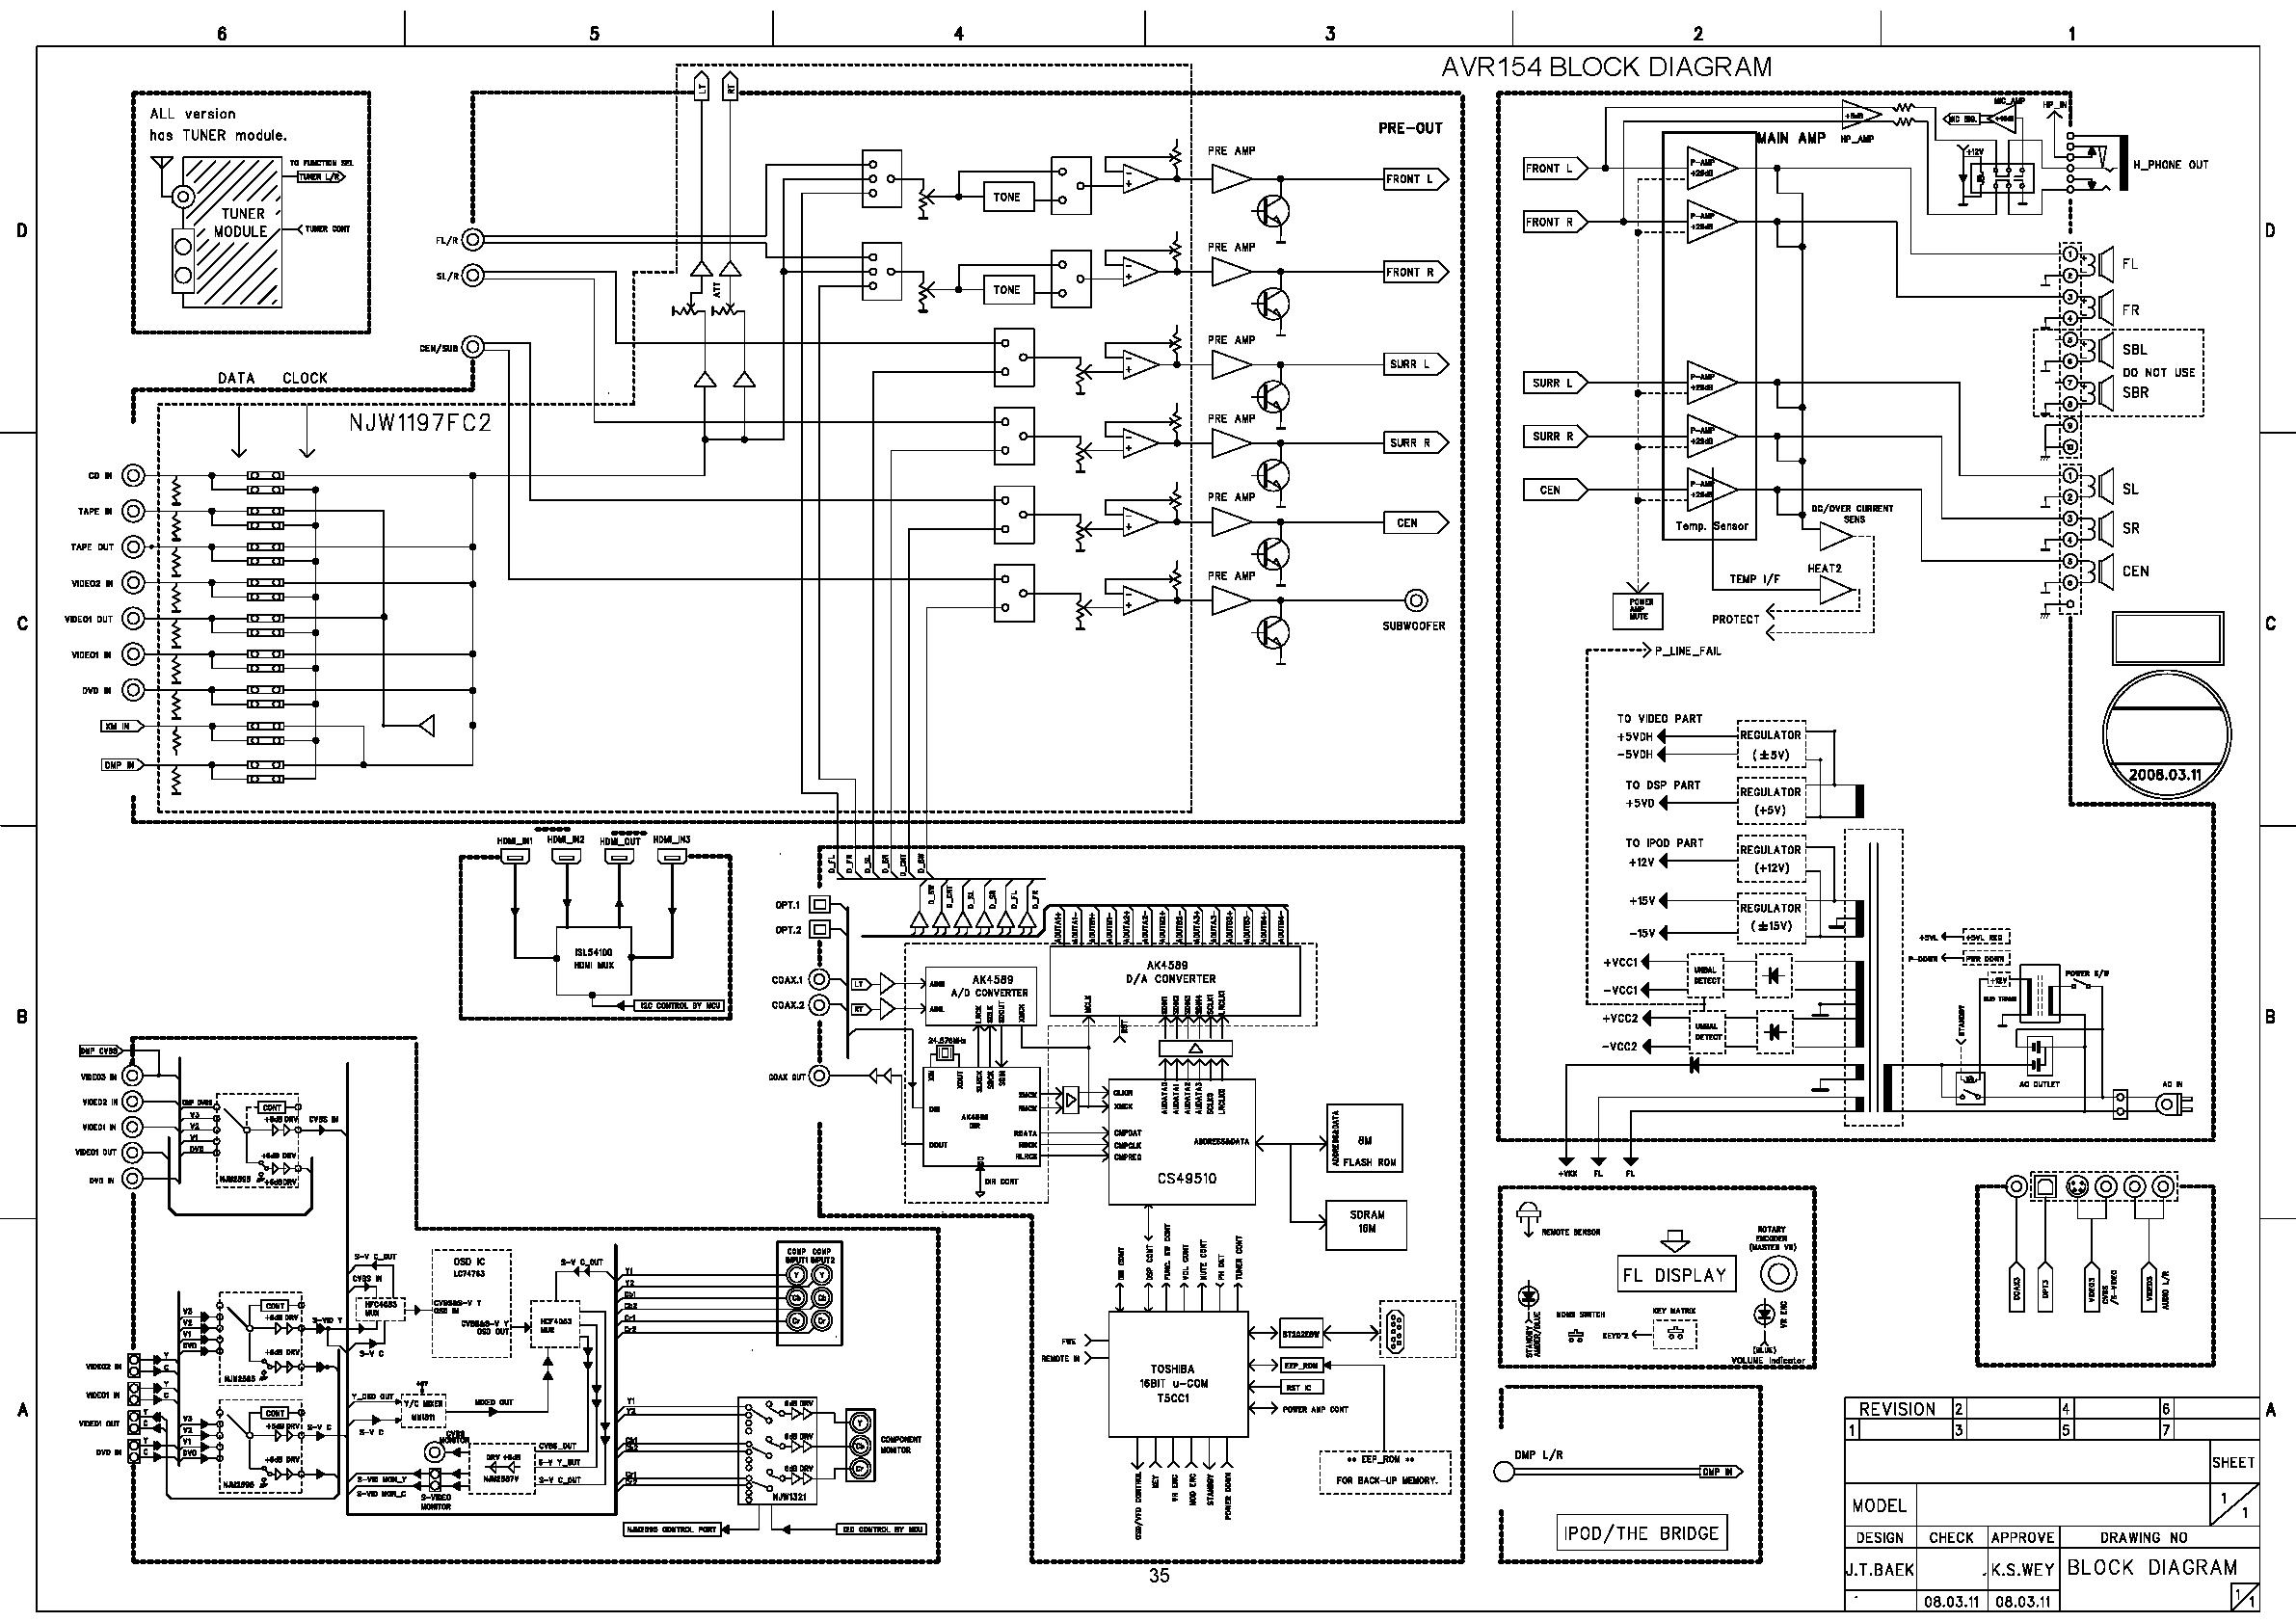 1990 Isuzu Npr Wiring Schematic Wiring Diagram Teach Teach Lechicchedimammavale It